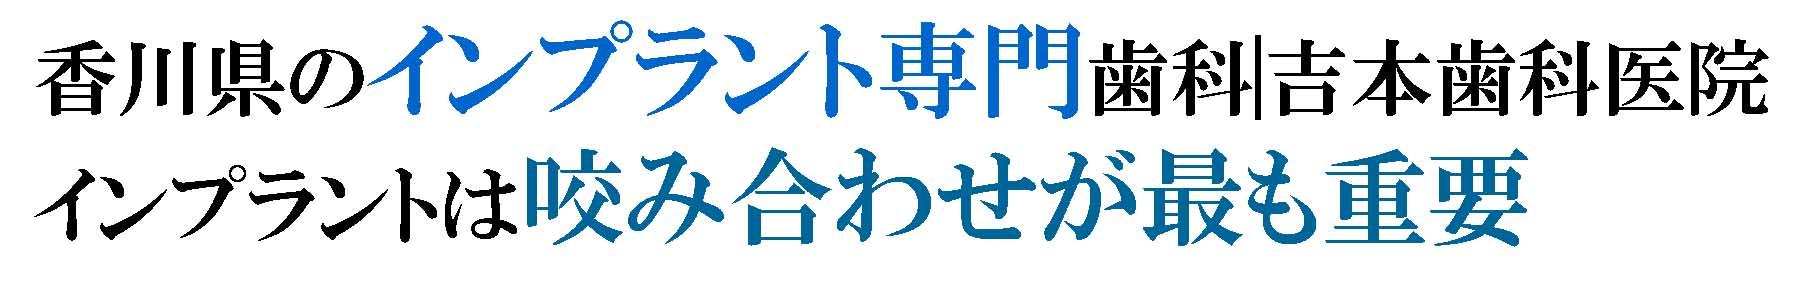 1日で歯が入るインプラント治療 オールオンフォーなら香川県高松市の吉本歯科医院